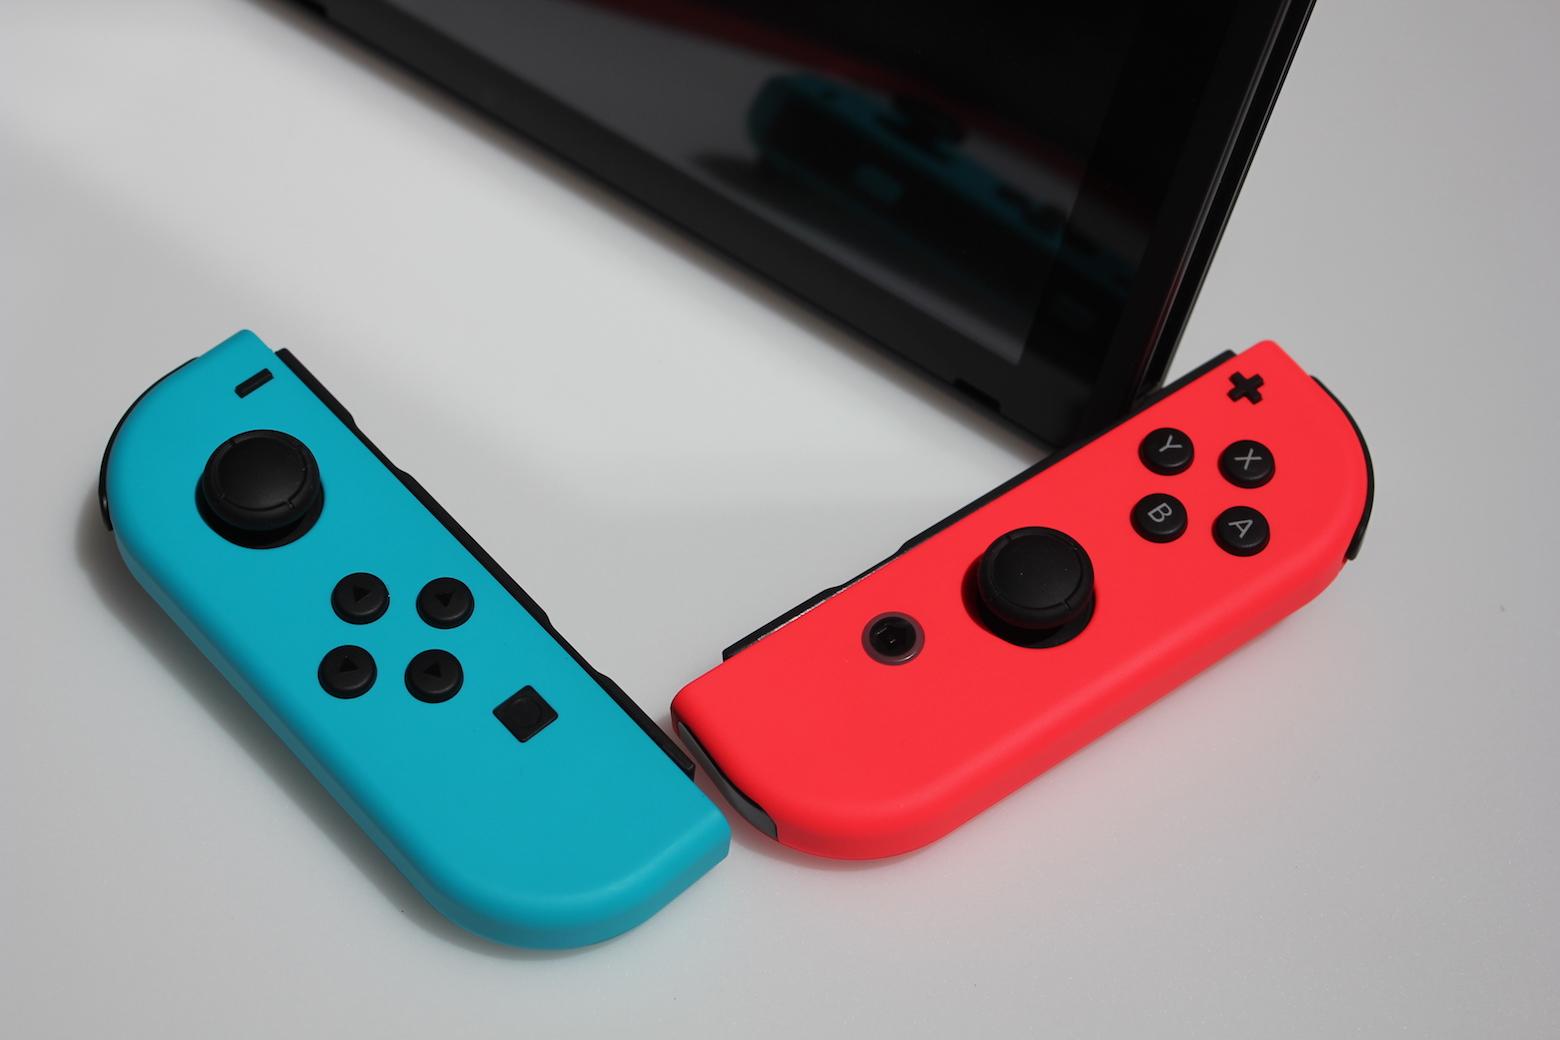 Nintendo Switch leak